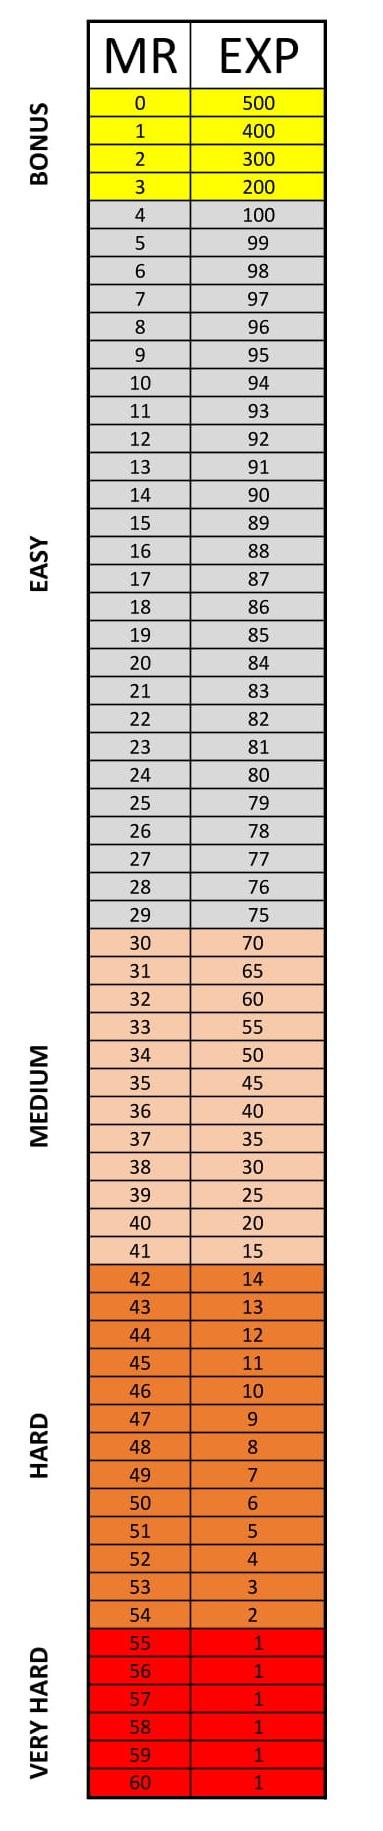 [Imagem: Tabela-Atual-de-Experi-ncia-1.jpg]